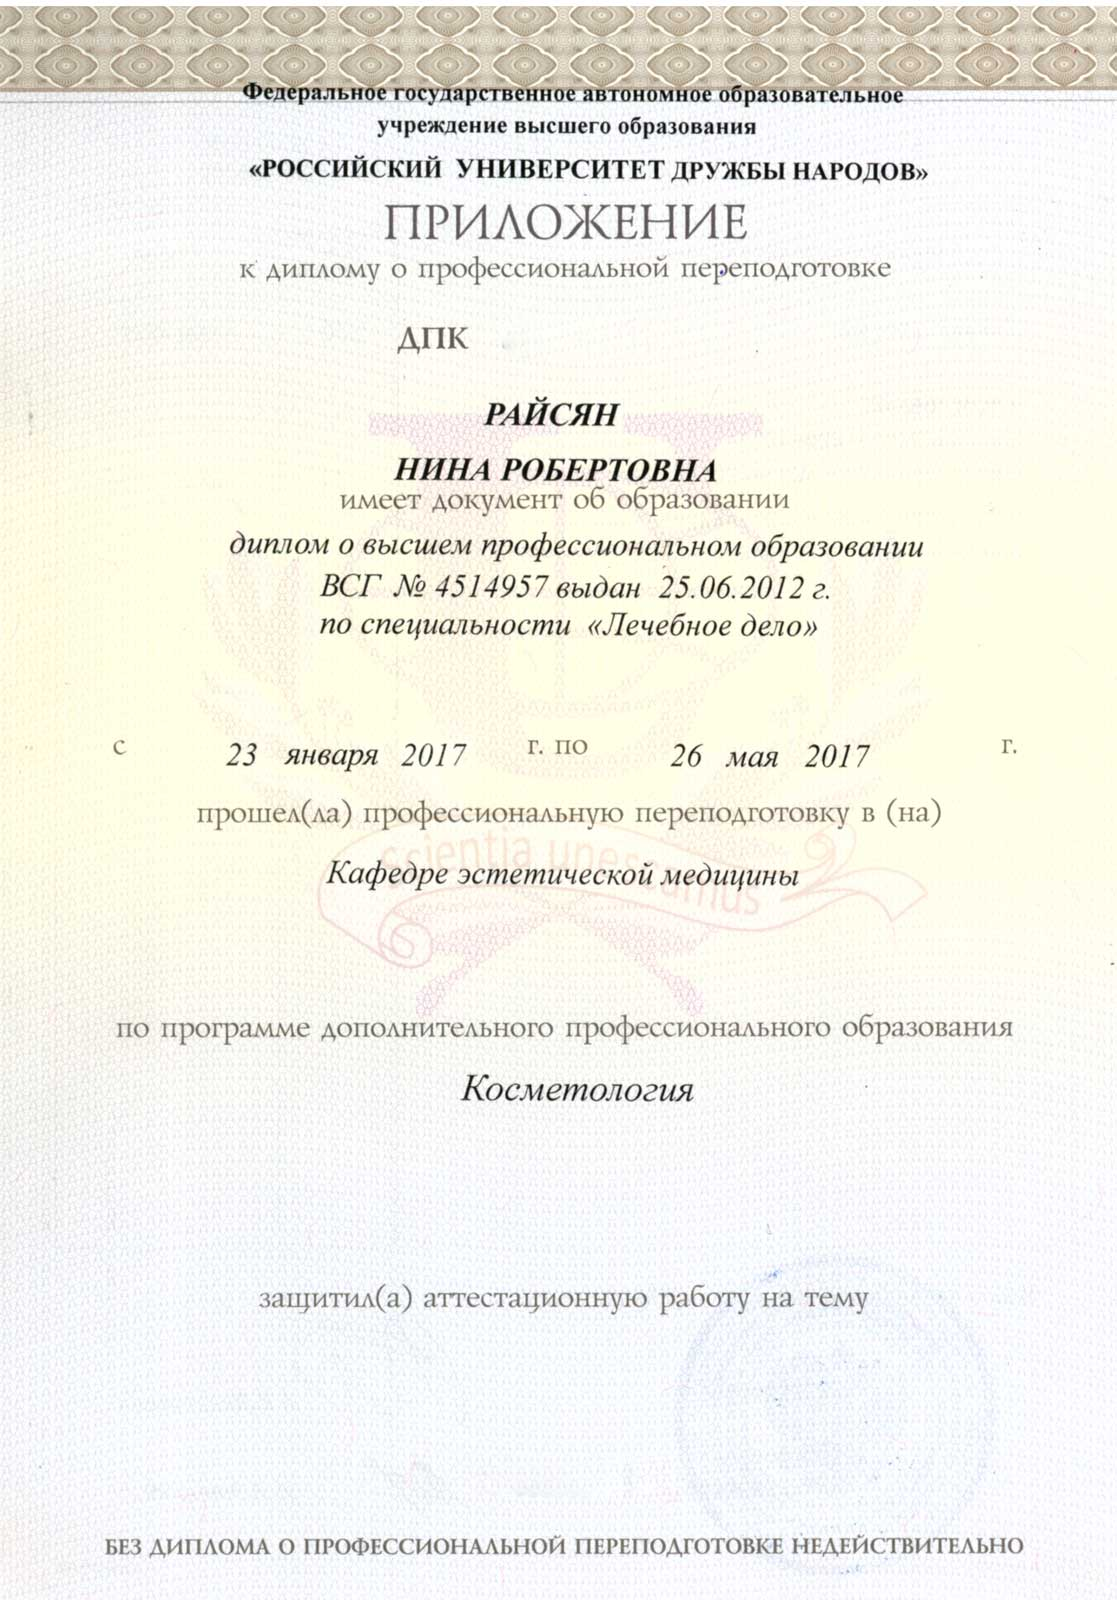 Приложение к диплому врача- косметолога Райсян Н.Р